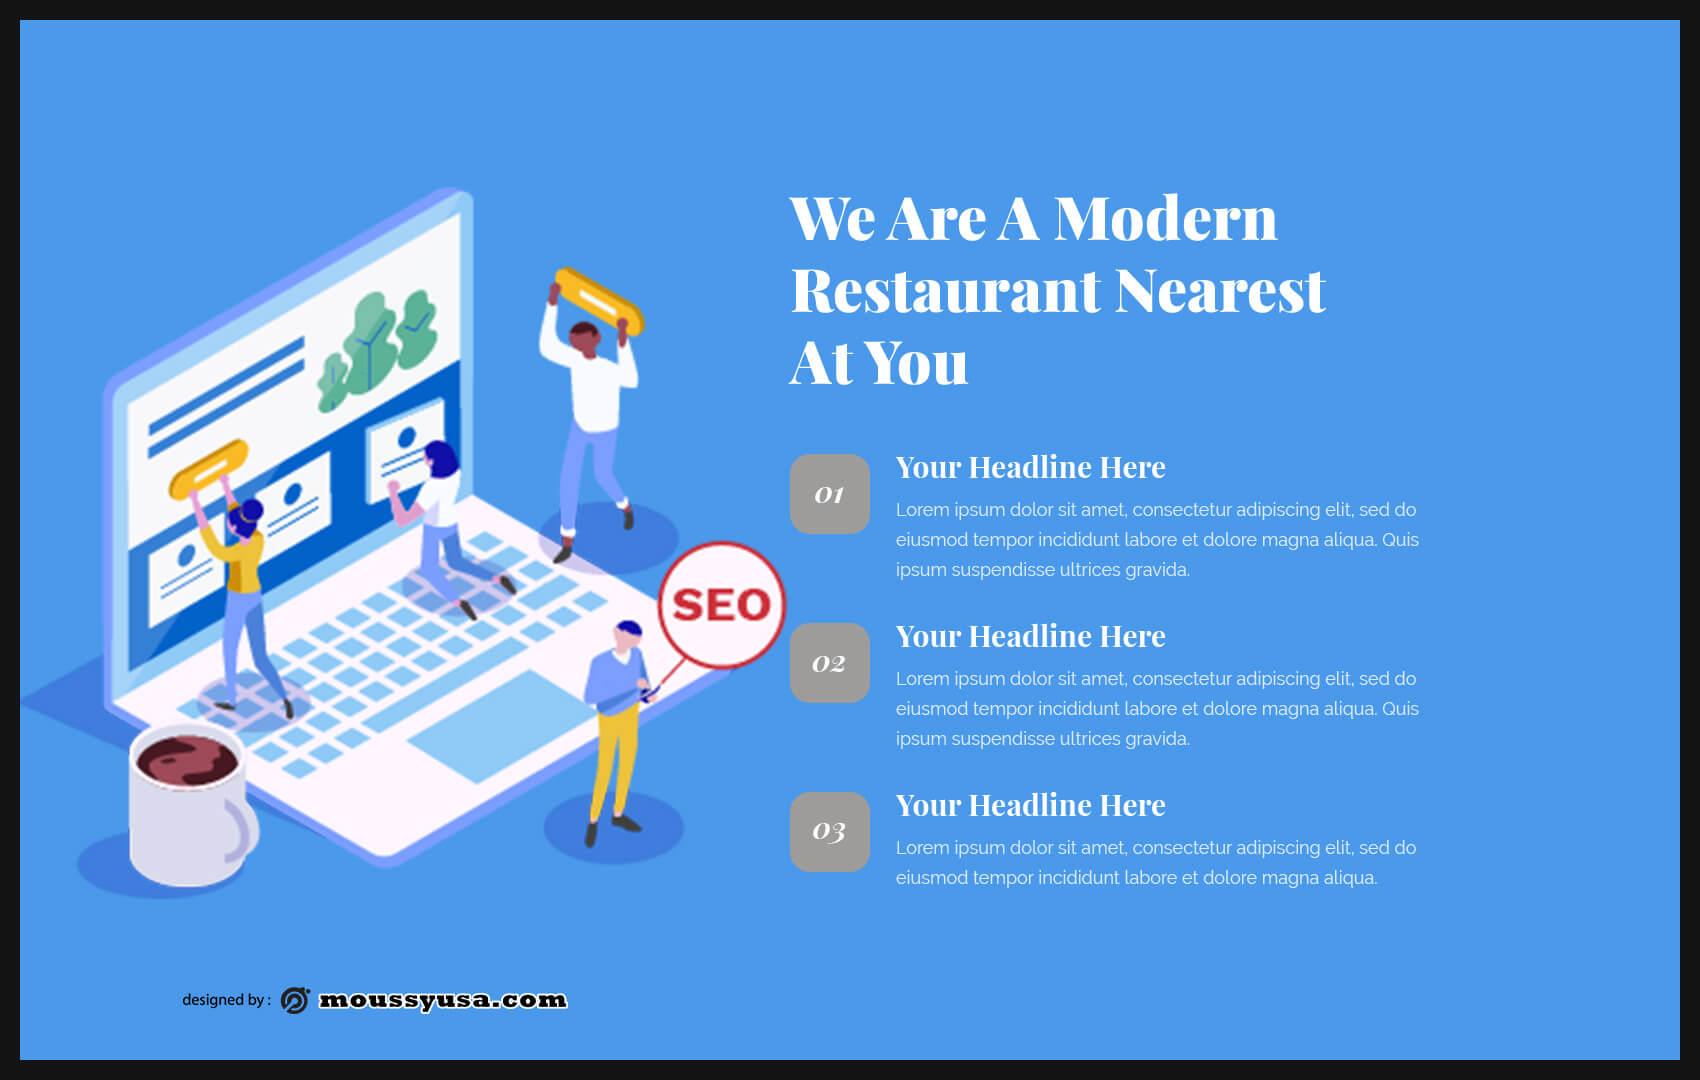 business presentation customizable psd design template